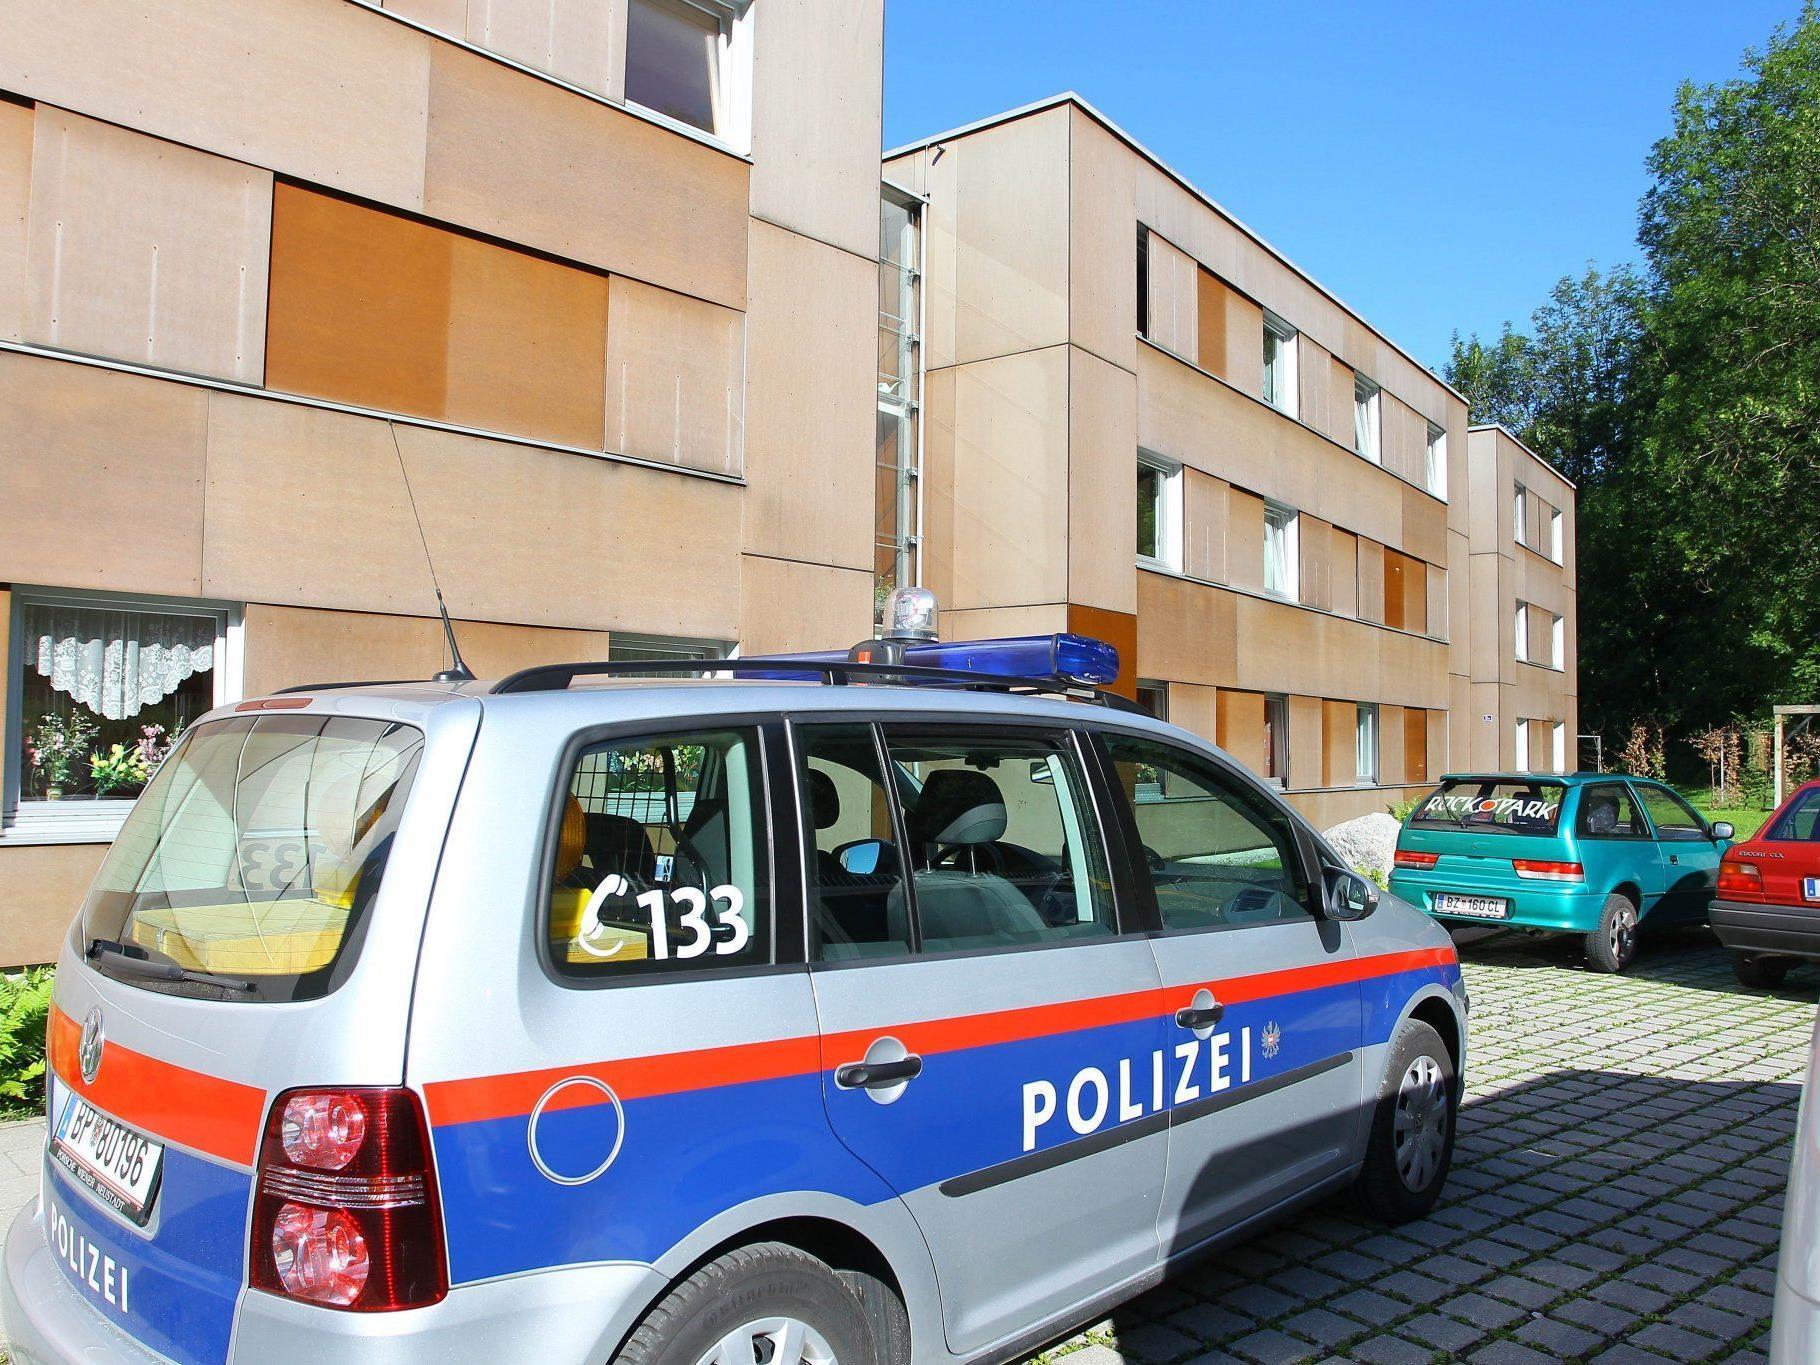 Am Morgen des 27. Juni nahm die Polizei die Ermittlungen auf.